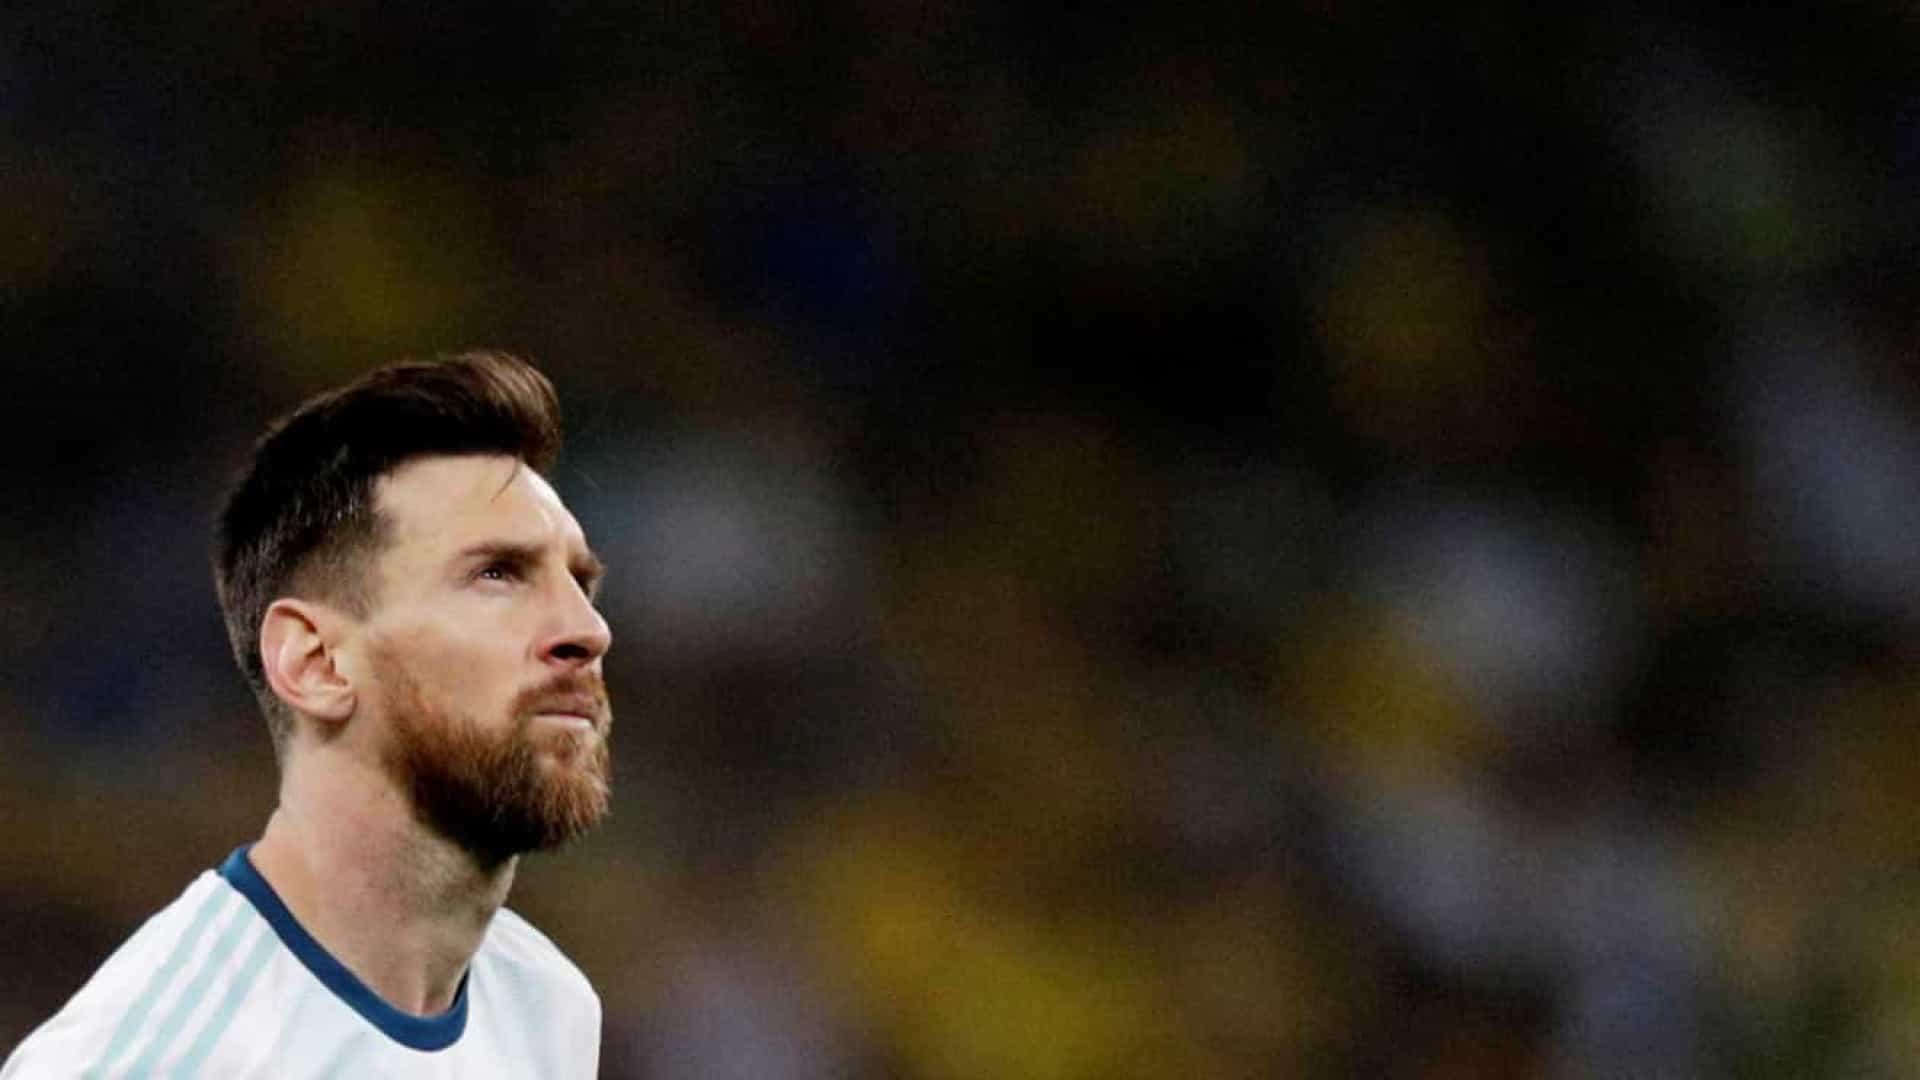 naom 5d1c76997e7de - Messi diz que cogitou deixar Barça por problema fiscal